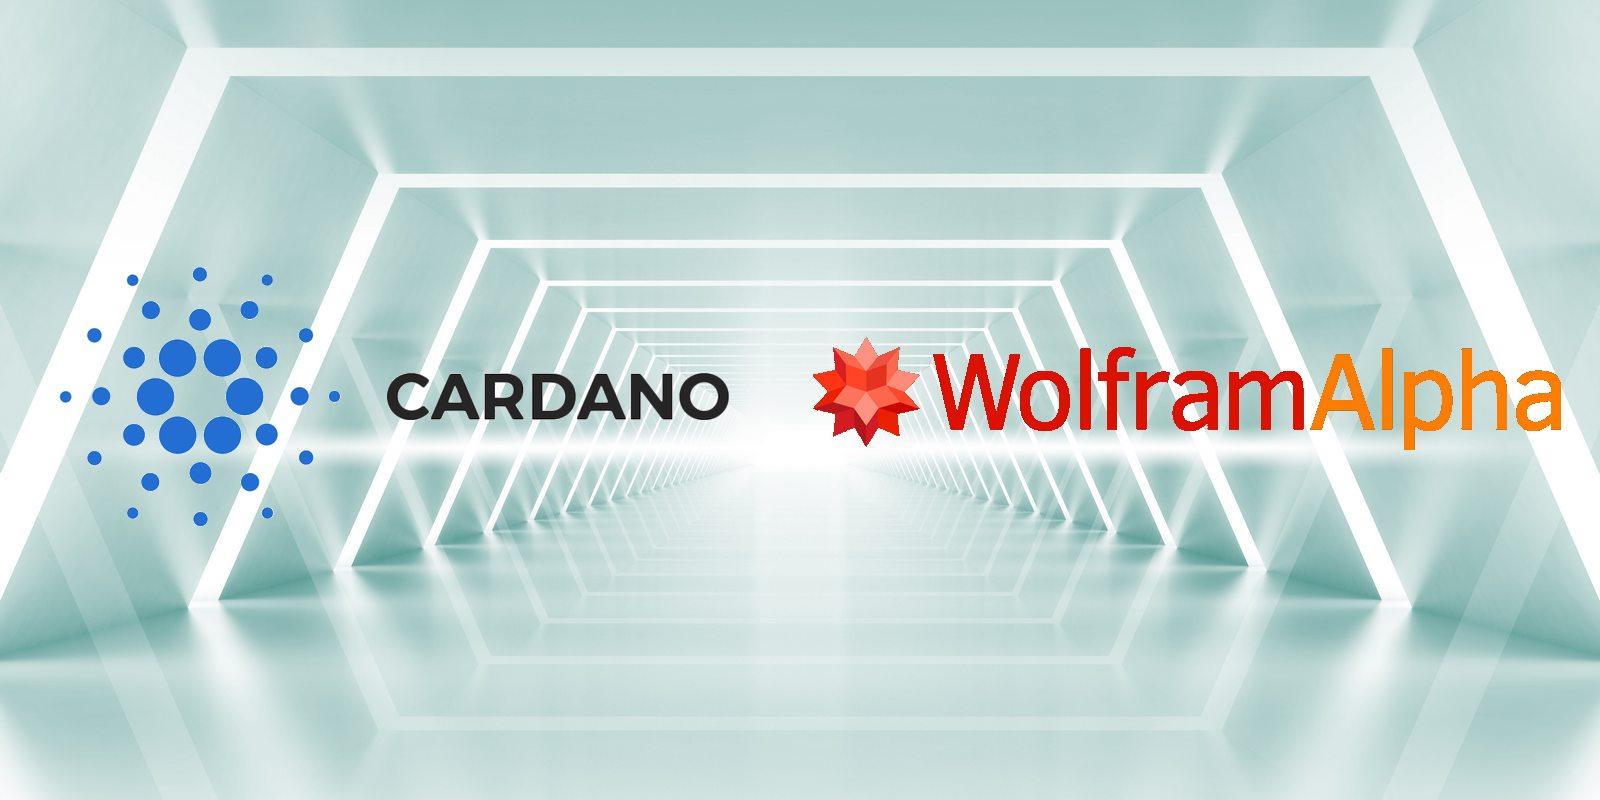 Cardano s'associe à Wolfram Alpha pour créer des oracles